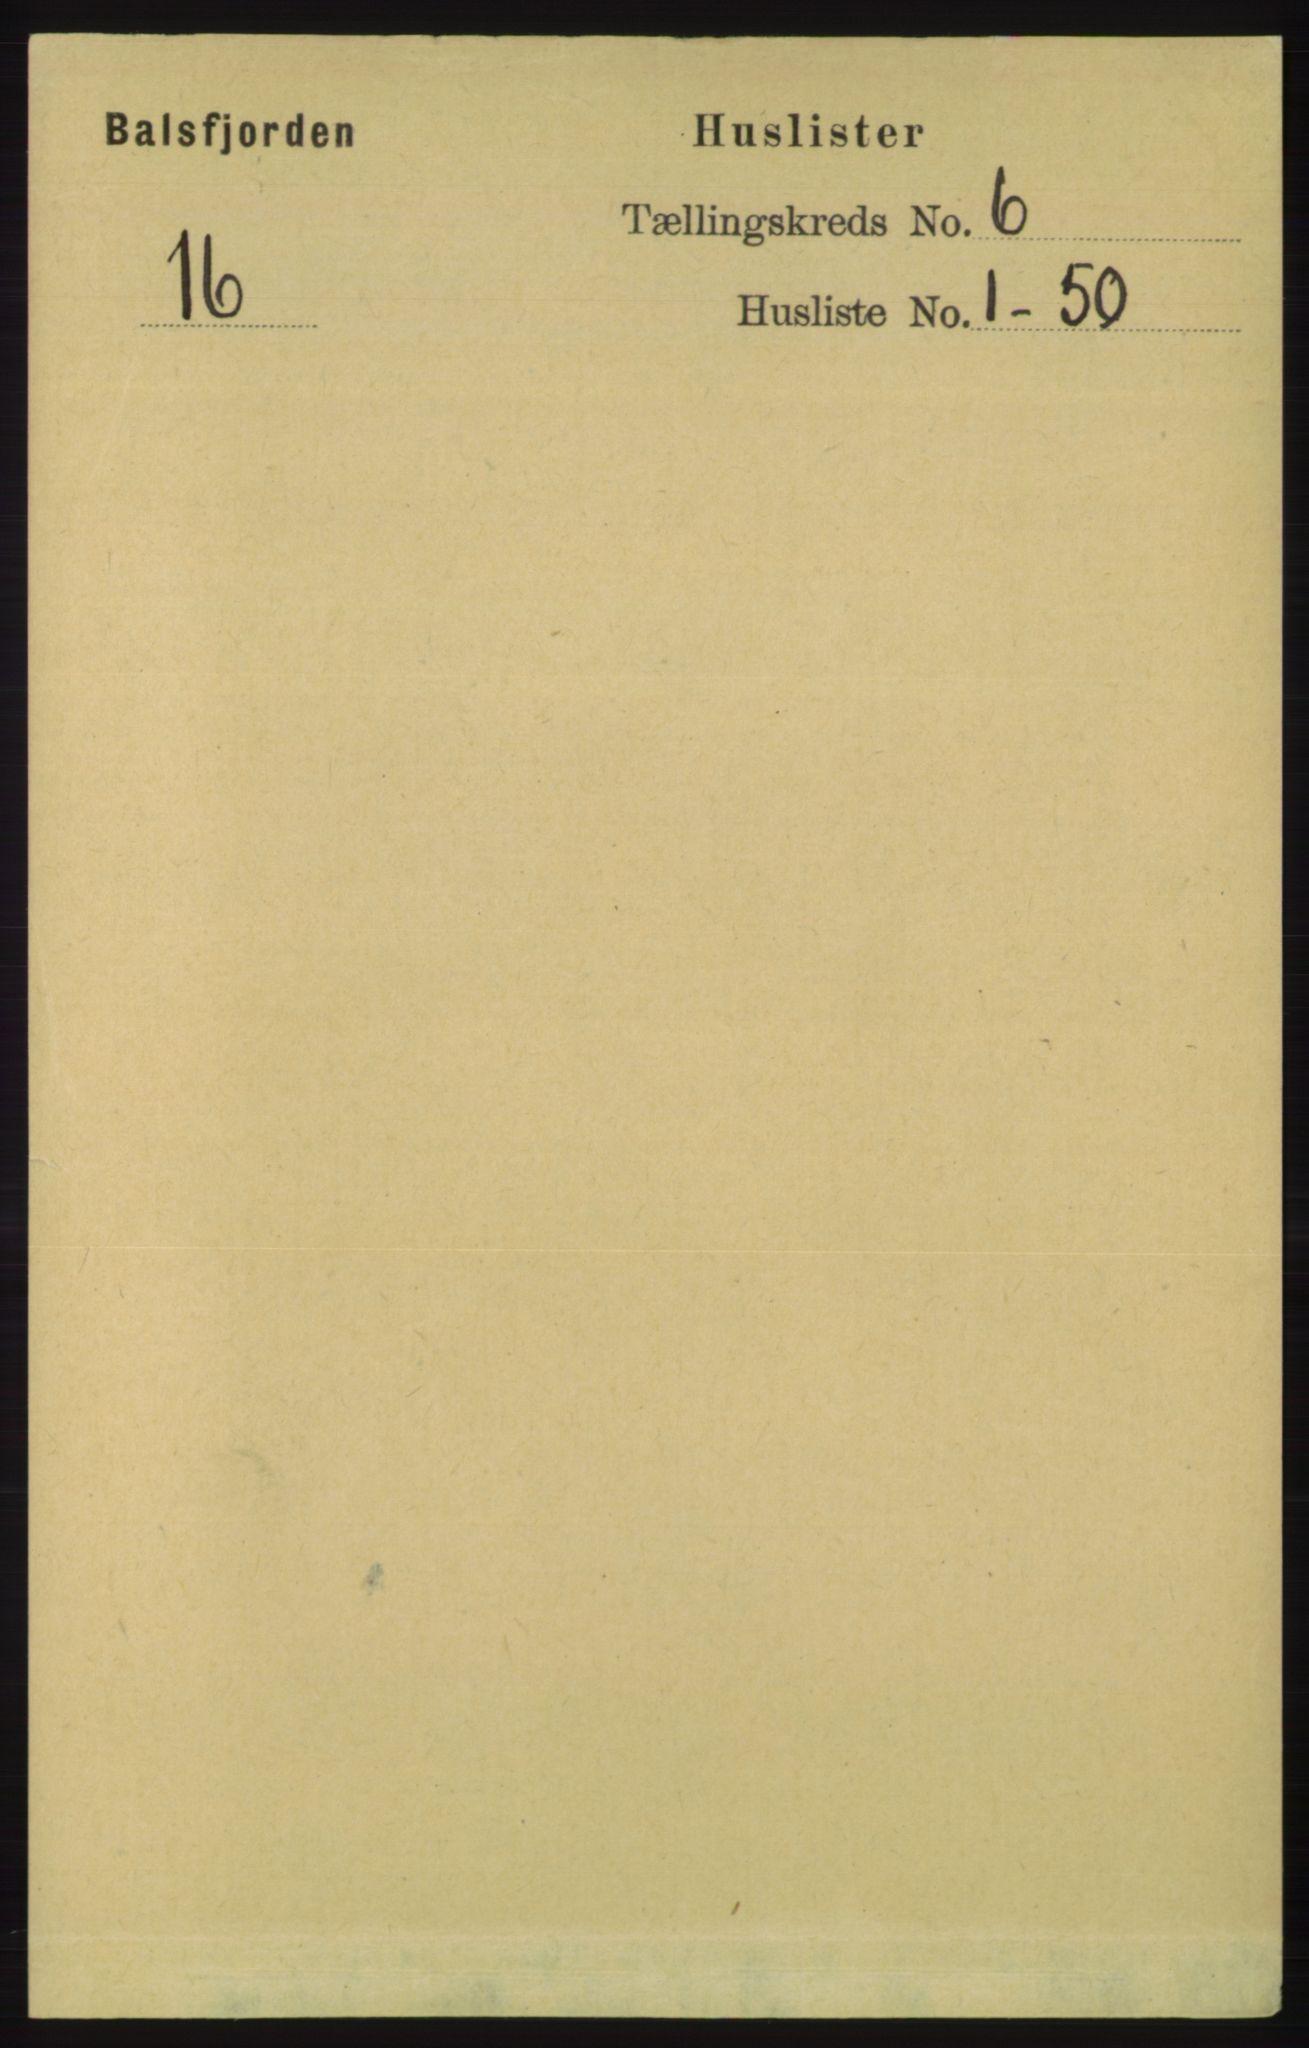 RA, Folketelling 1891 for 1933 Balsfjord herred, 1891, s. 1541